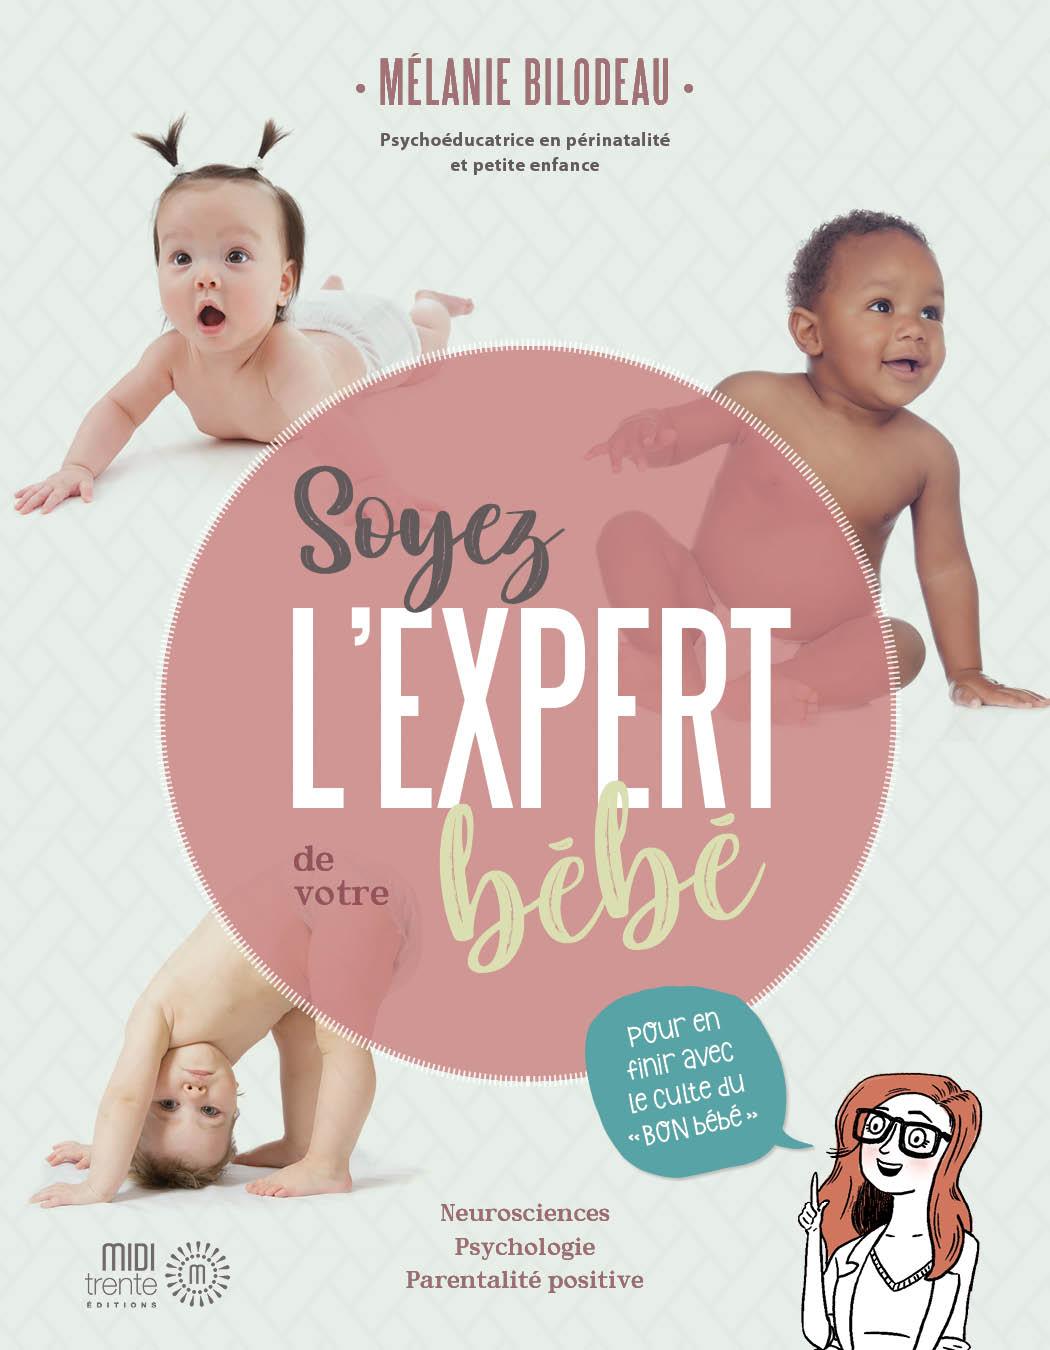 Soyez l'expert de votre bébé | Mélanie Bilodeau Psychoéducatrice